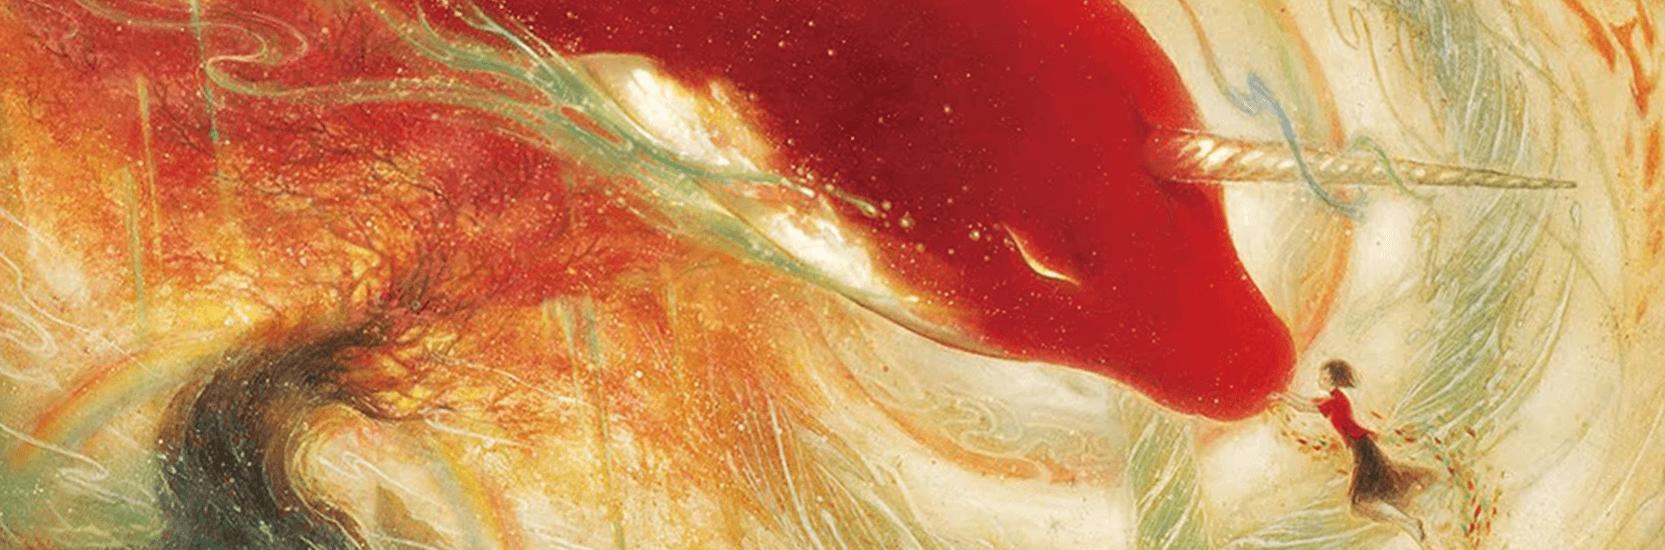 Critique – Big Fish & Begonia